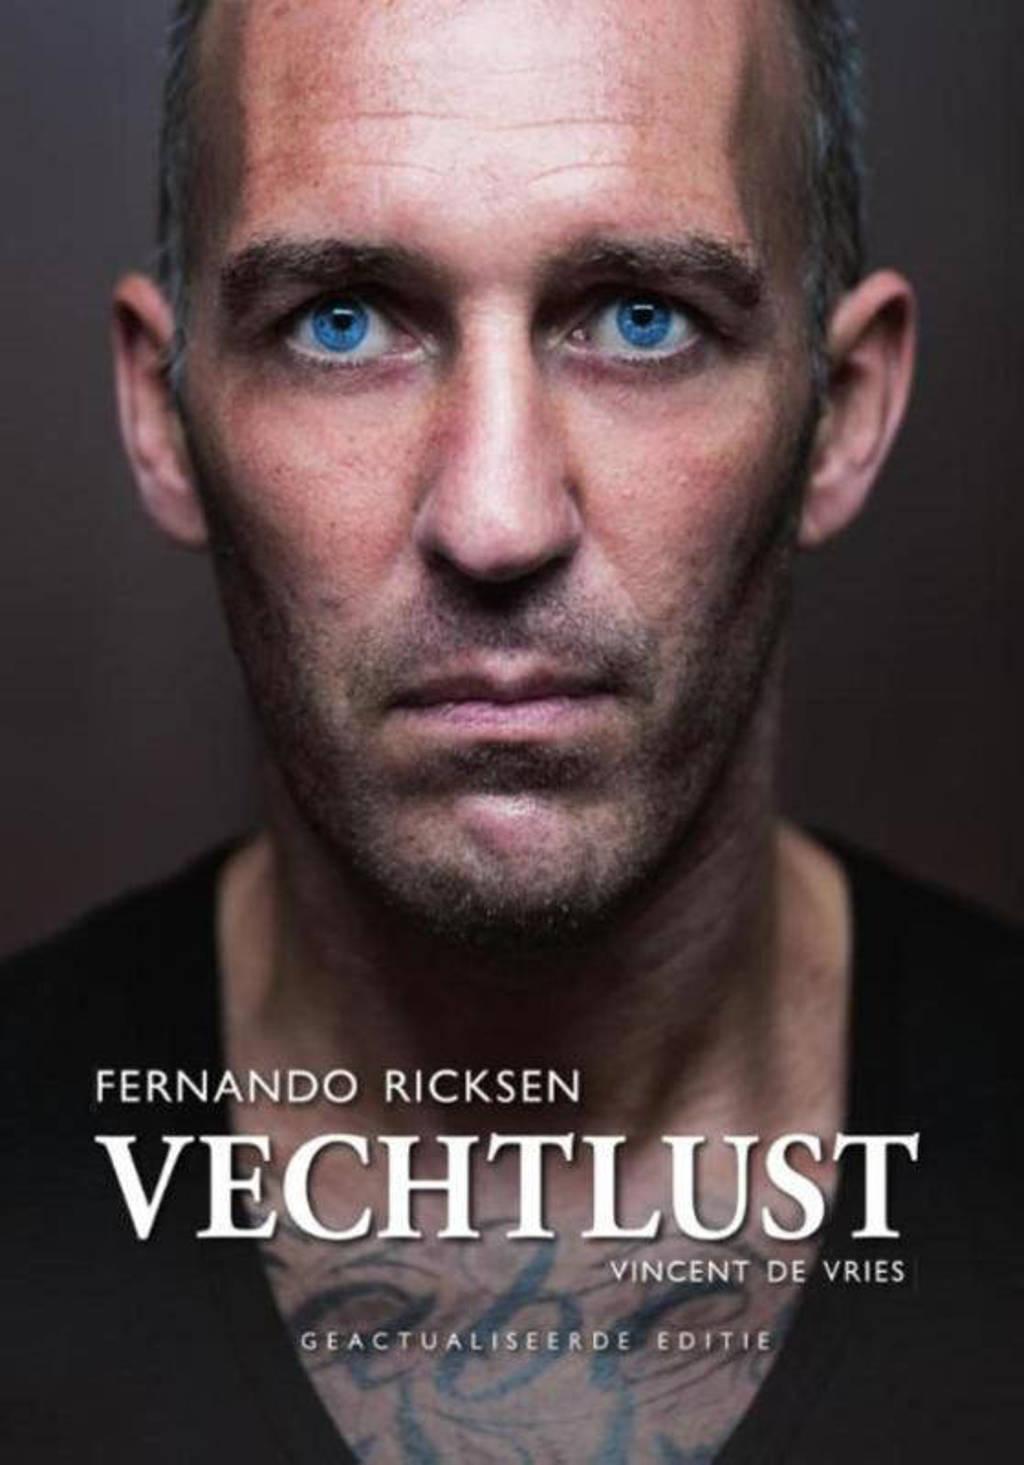 Vechtlust - Vincent de Vries